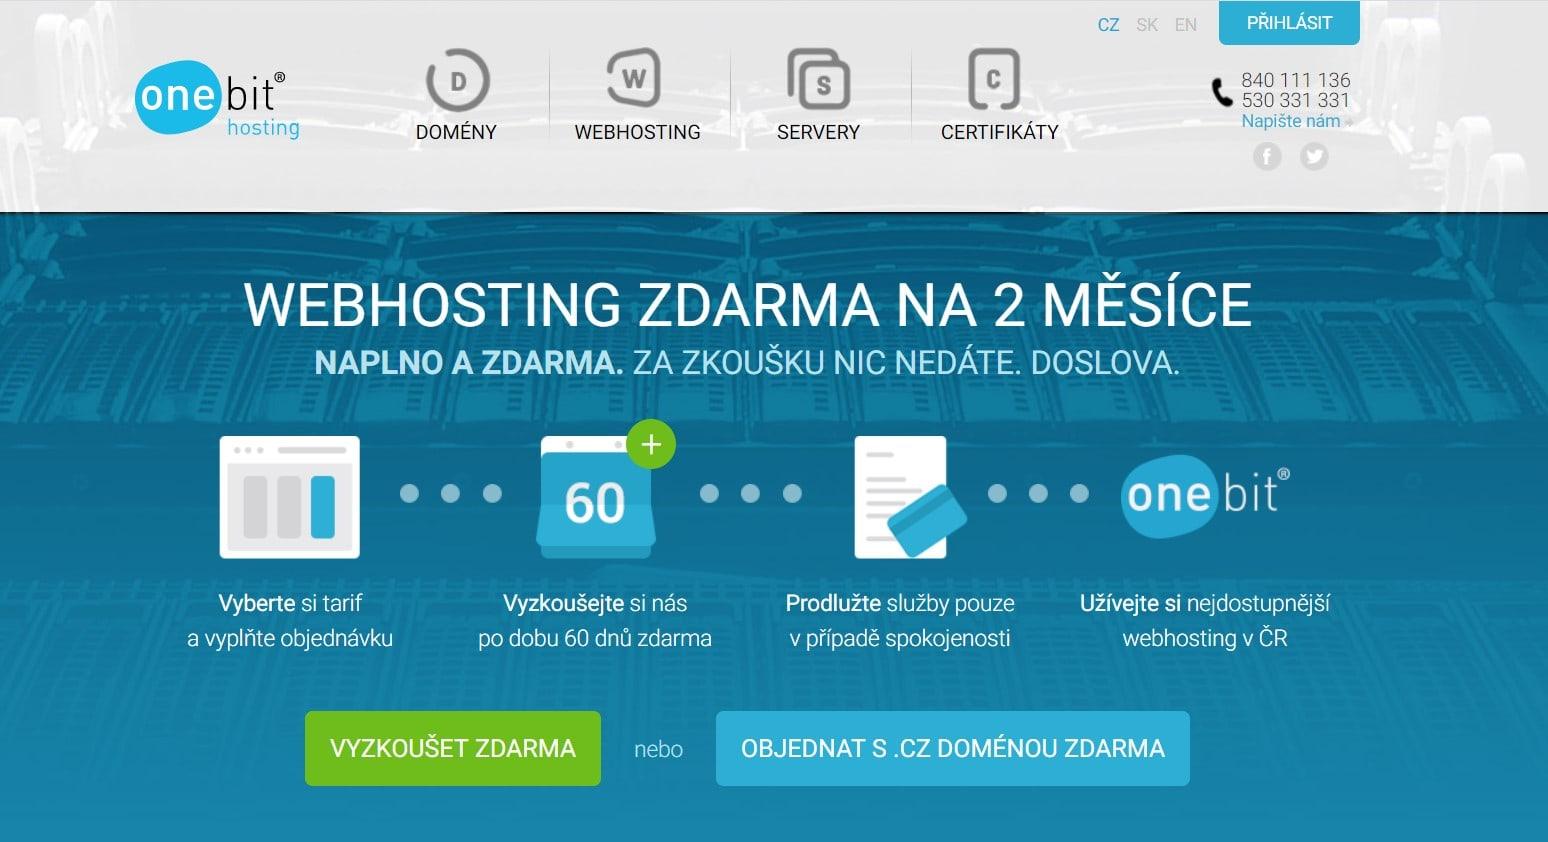 Hlavní stránka webu onebit.cz - výkonný hosting s garancí dostupnosti 99,99%